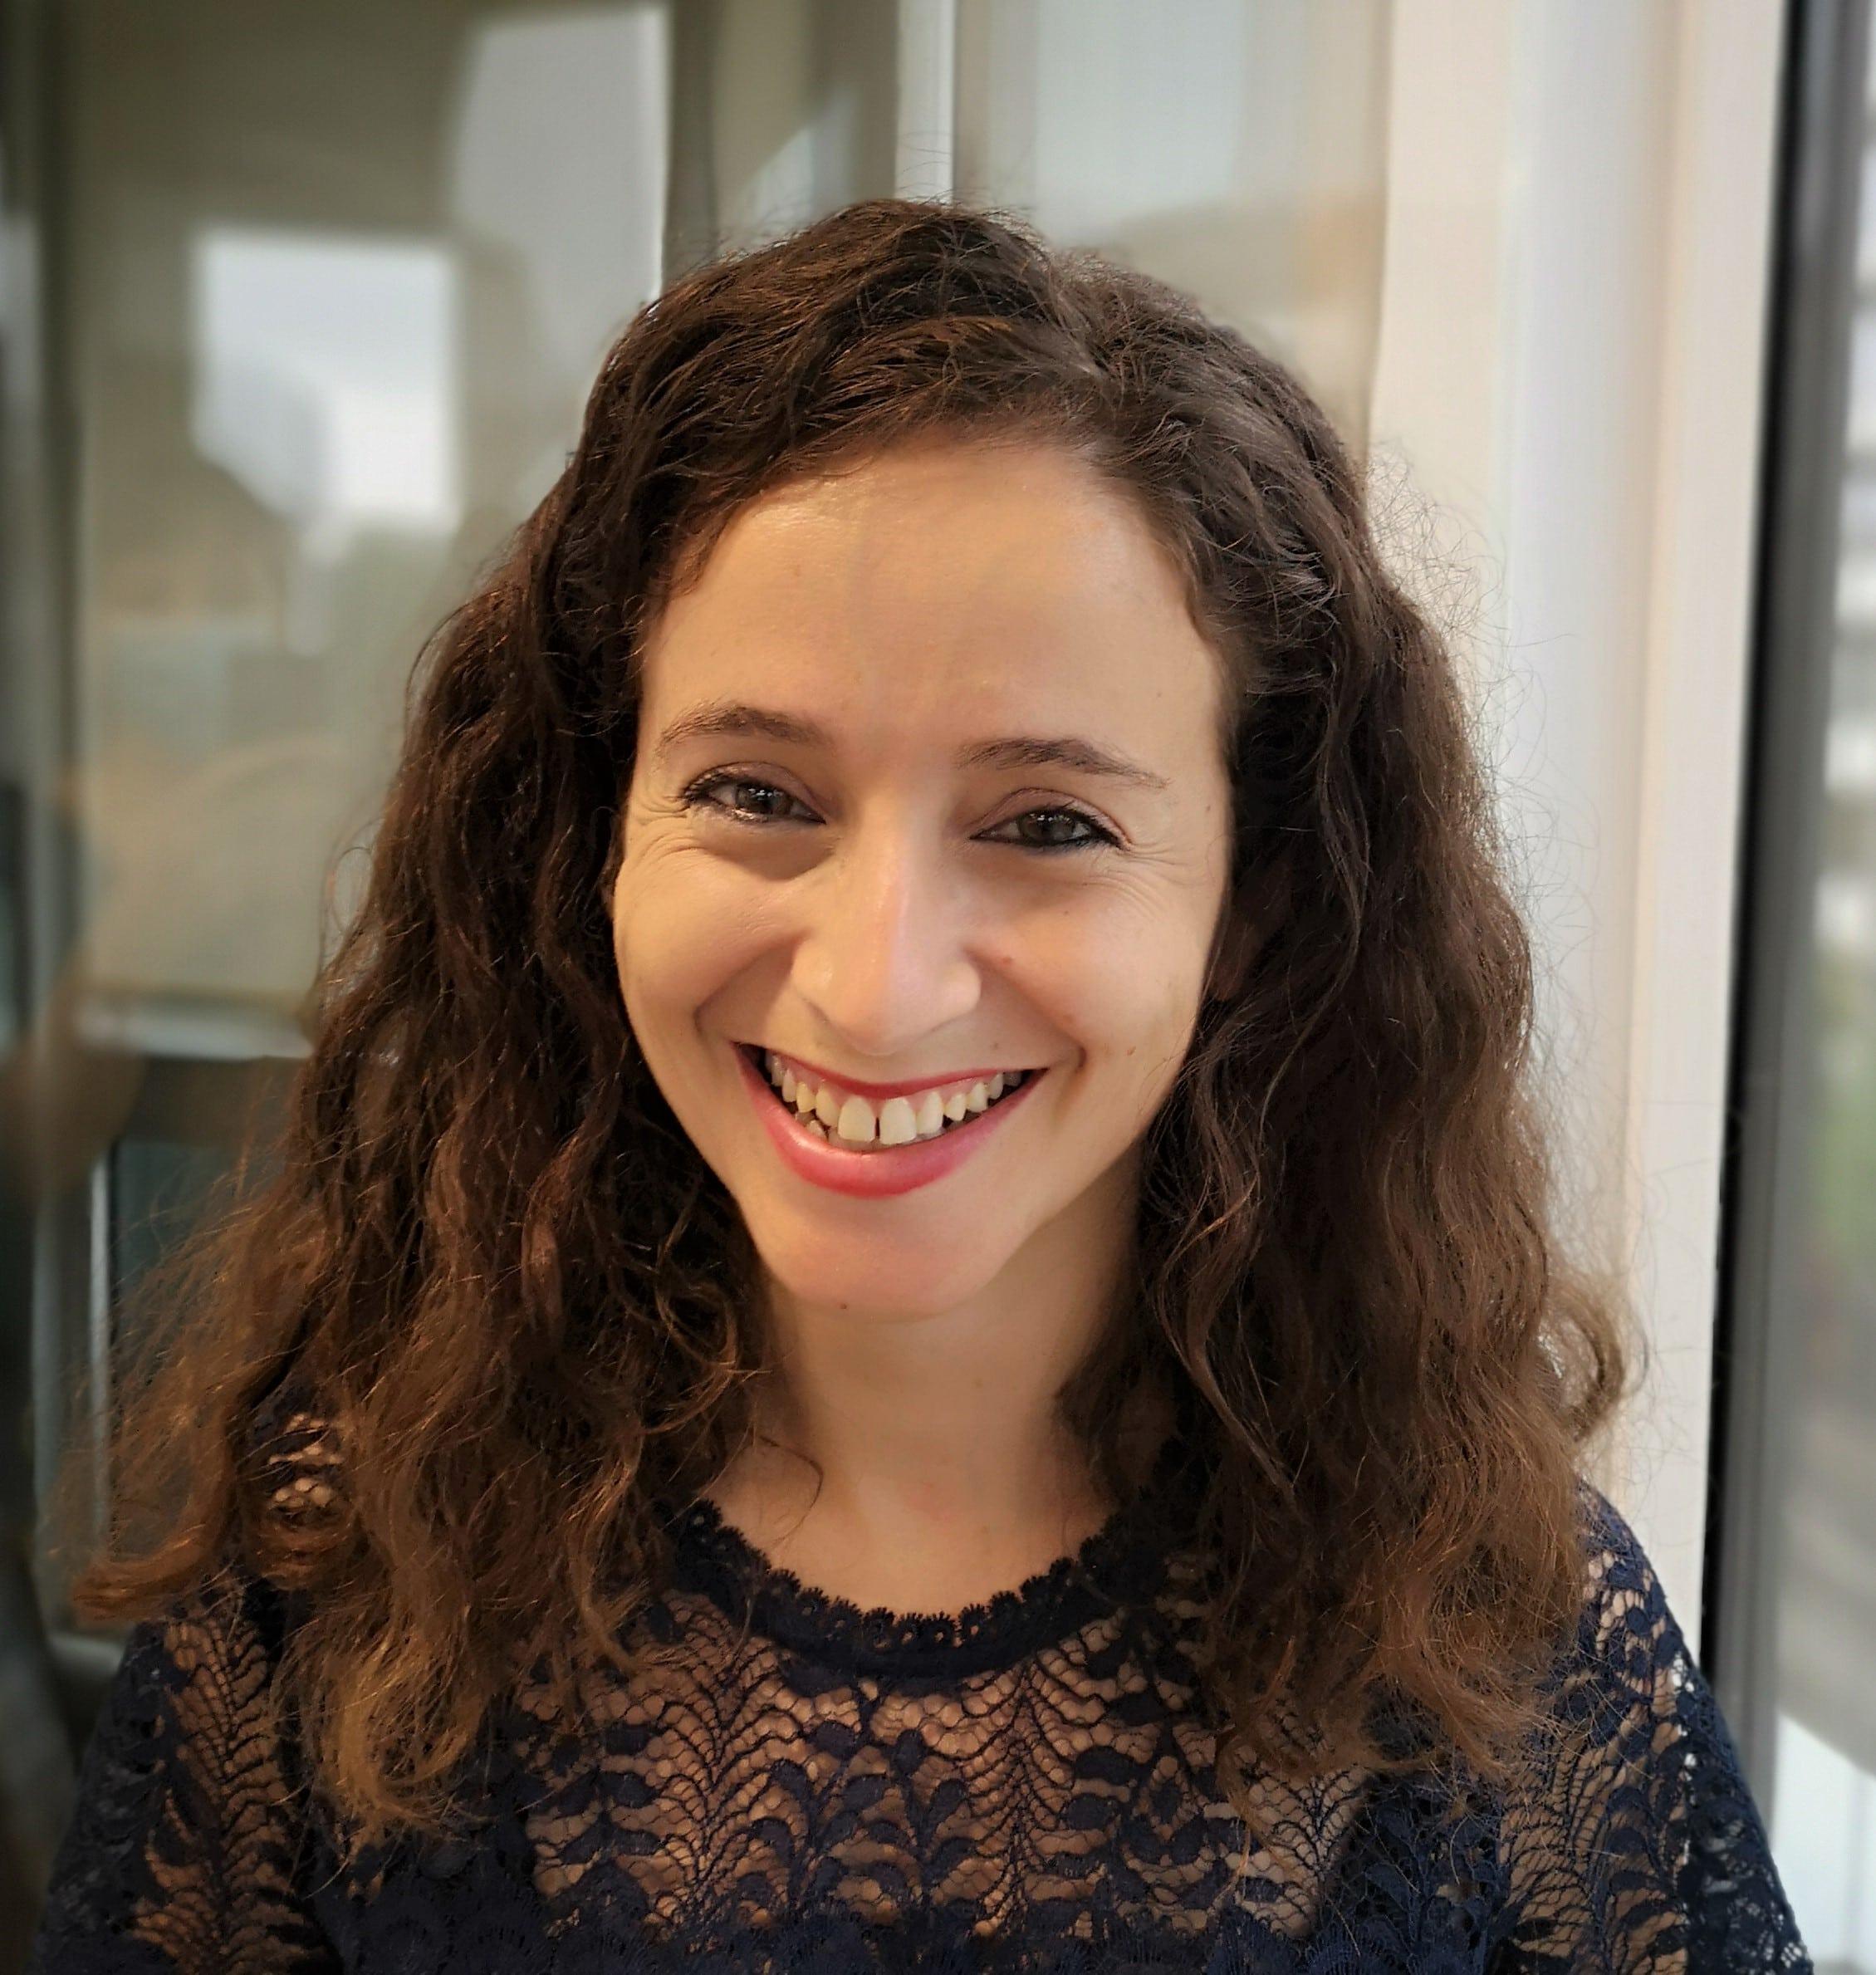 Stephanie Molle